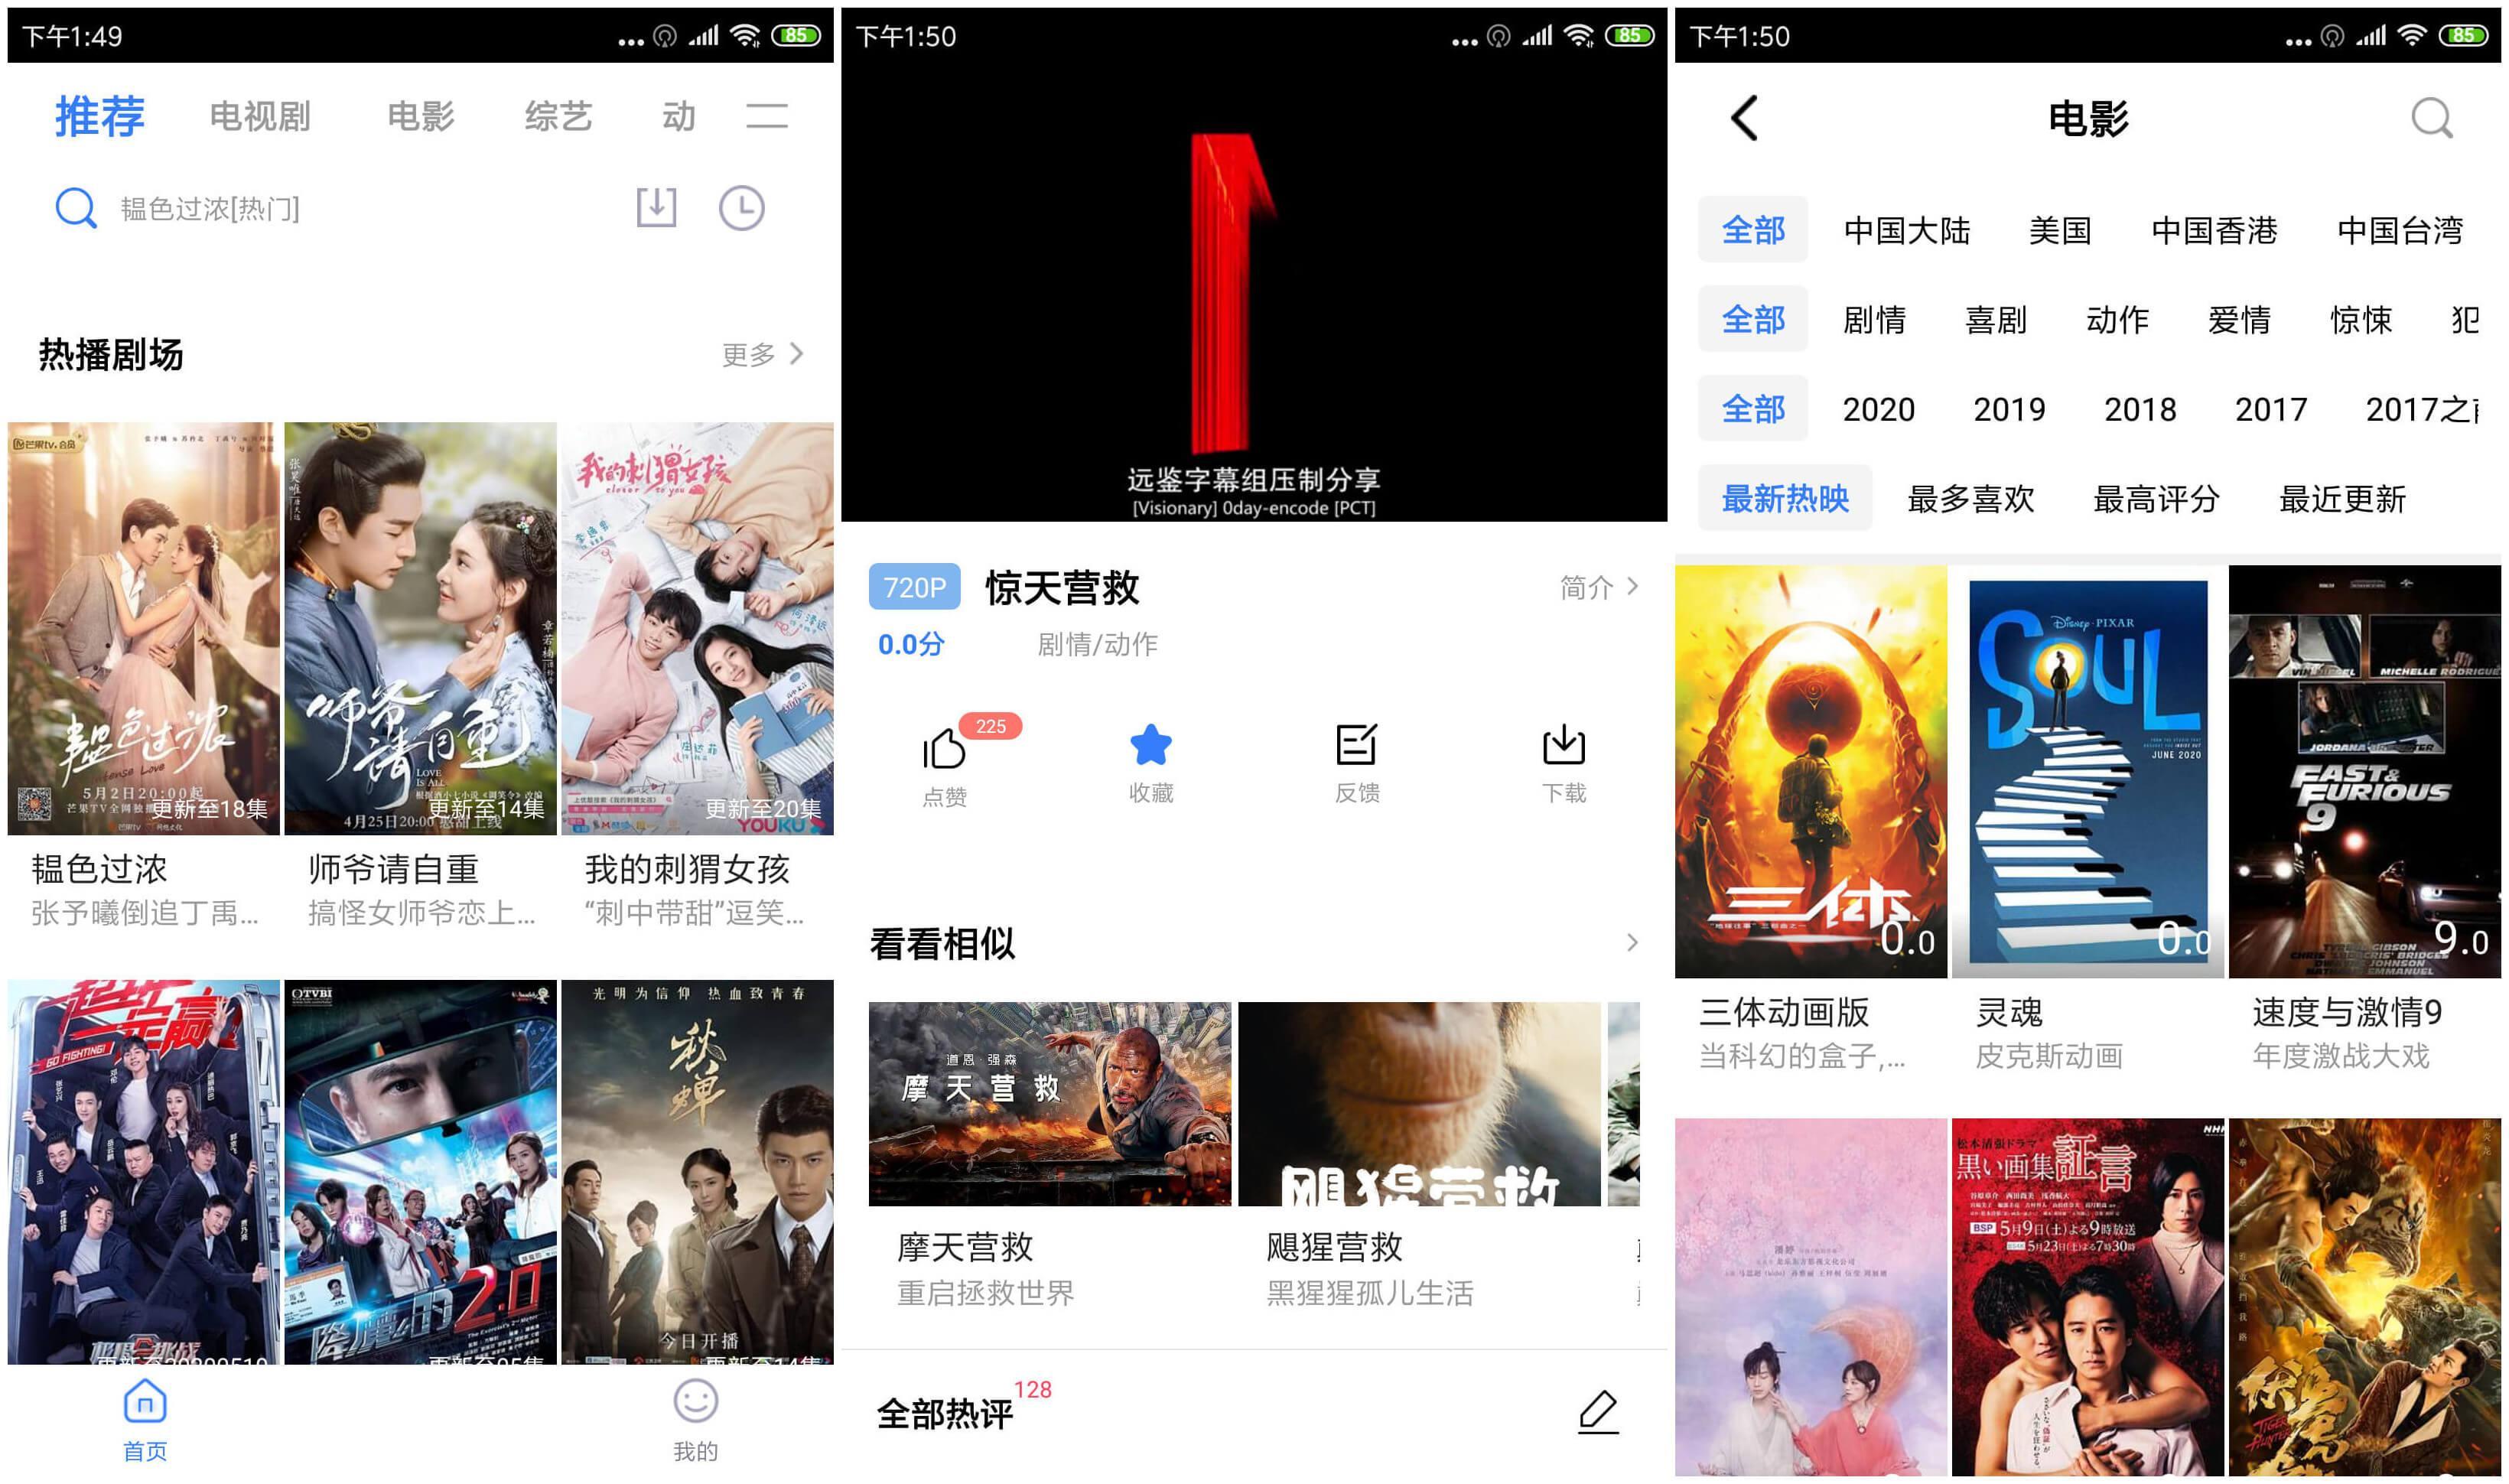 安卓袋熊影视App 全网影视高速看,202005130853517651.jpg,第1张